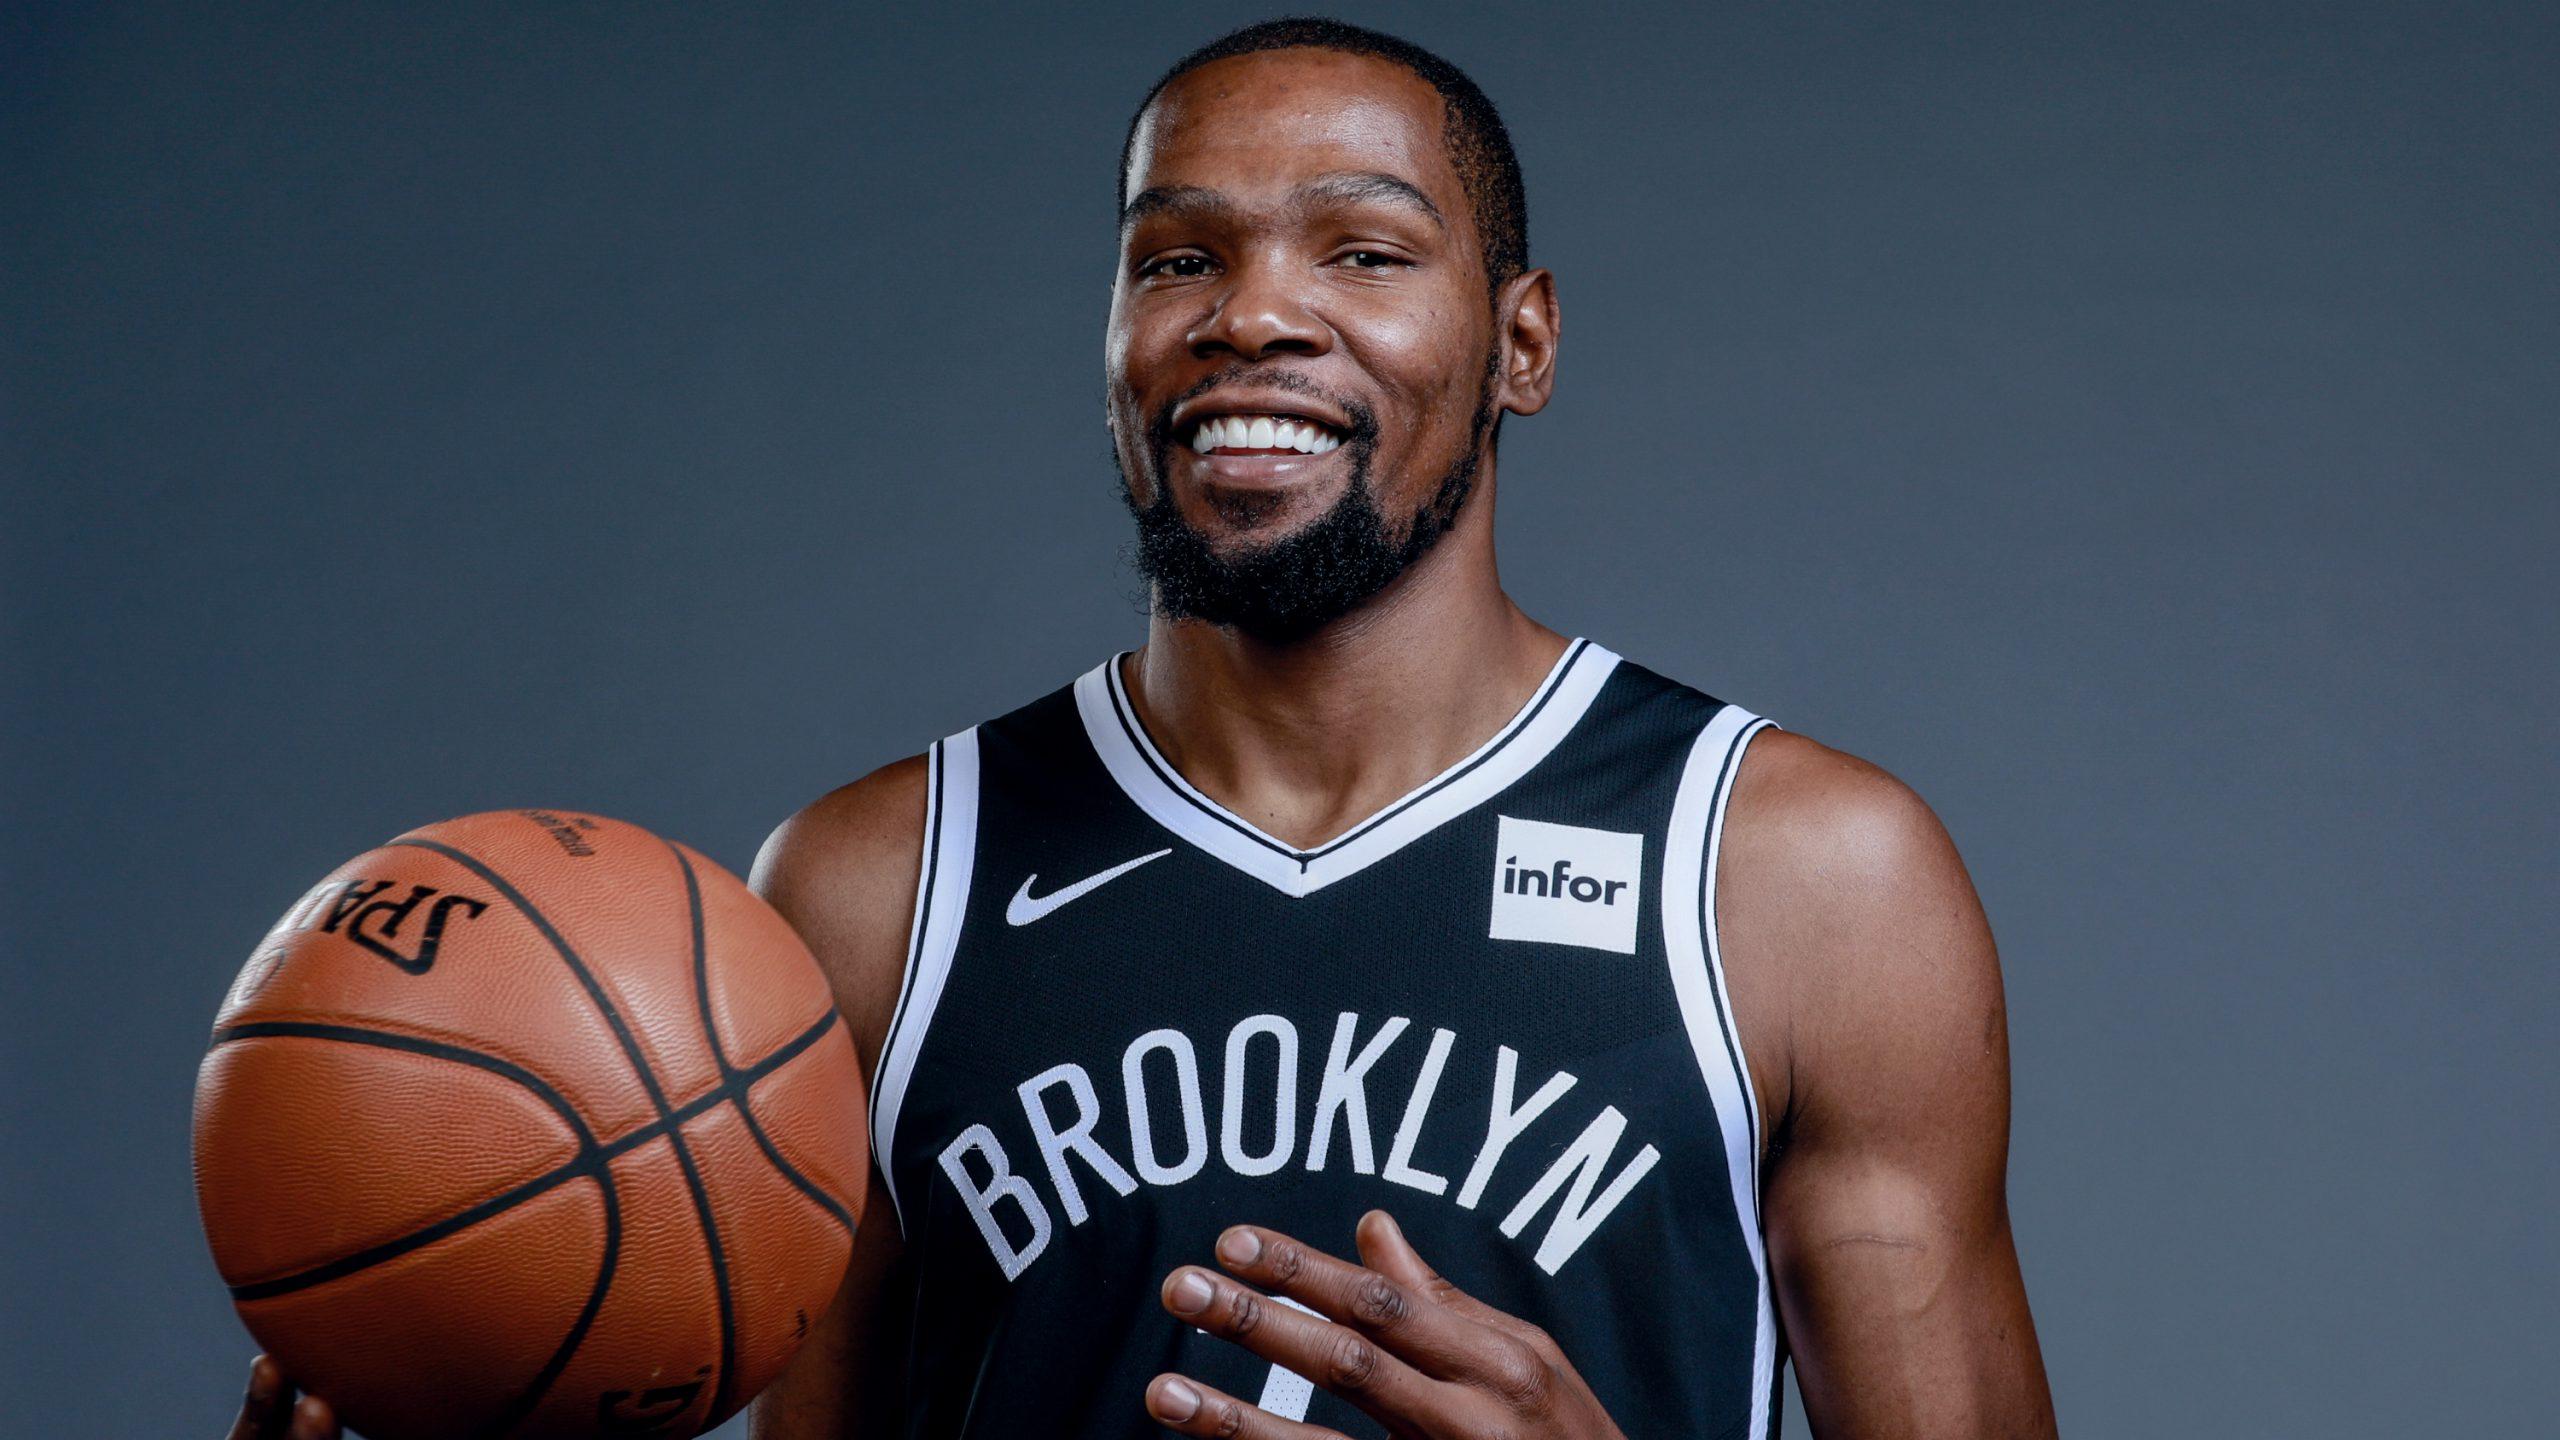 Super Kevin Durant